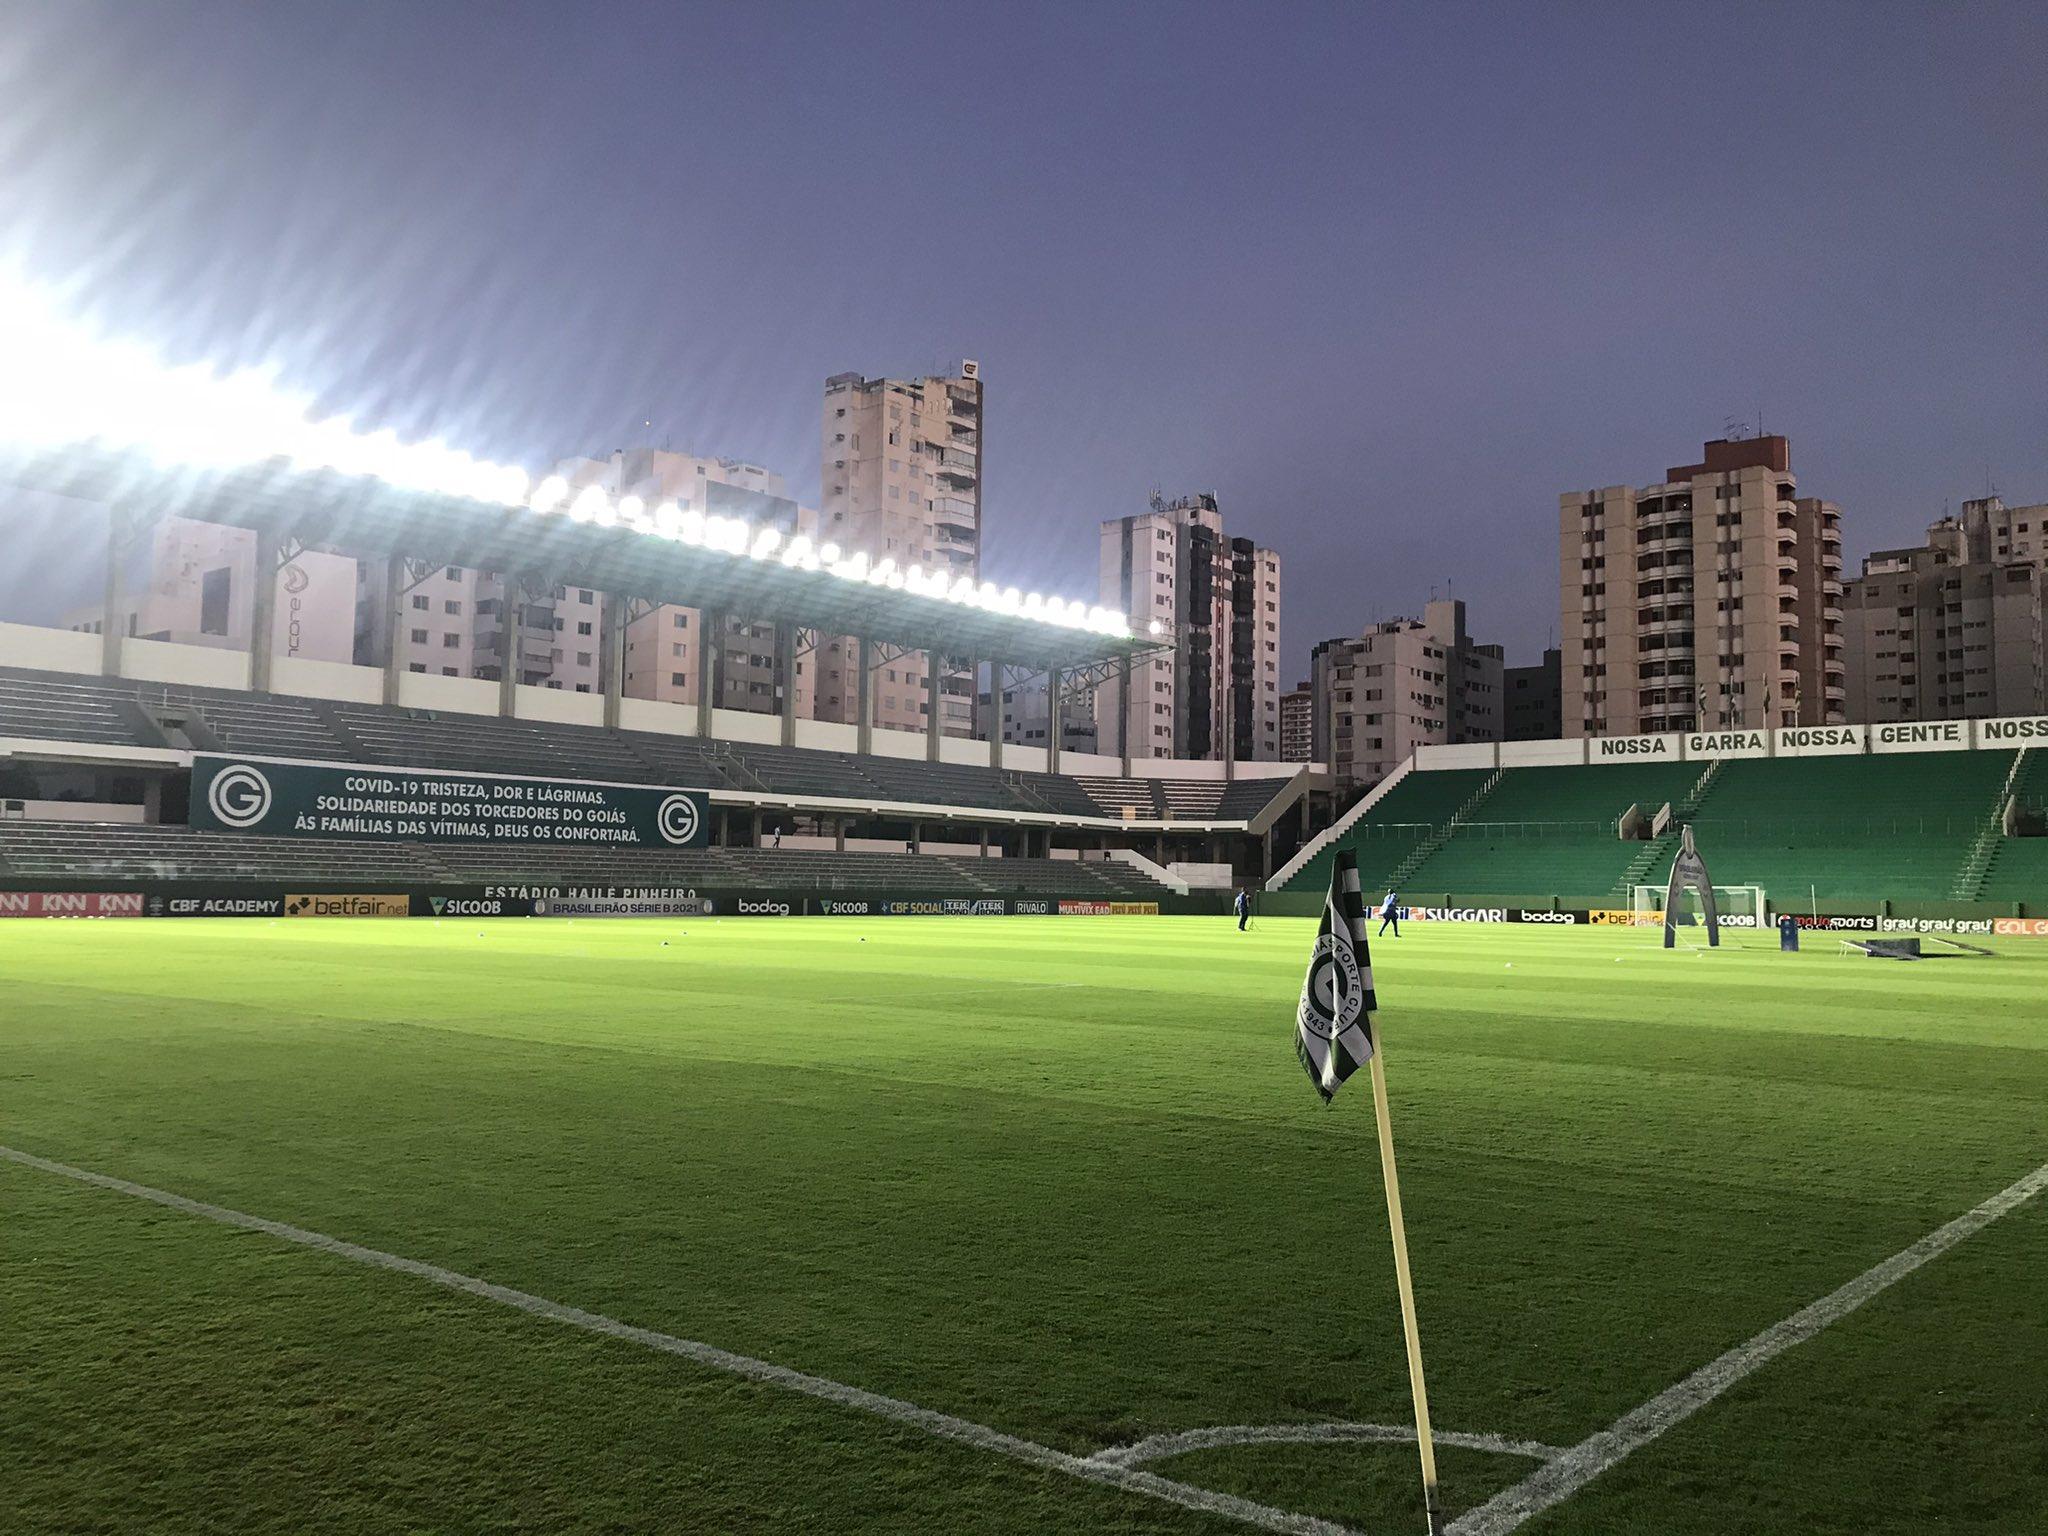 Com objetivos distintos, Goiás e Cruzeiro se enfrentam na noite deste sábado (04), às 19h no Estádio Hailé Pinheiro (Serrinha)